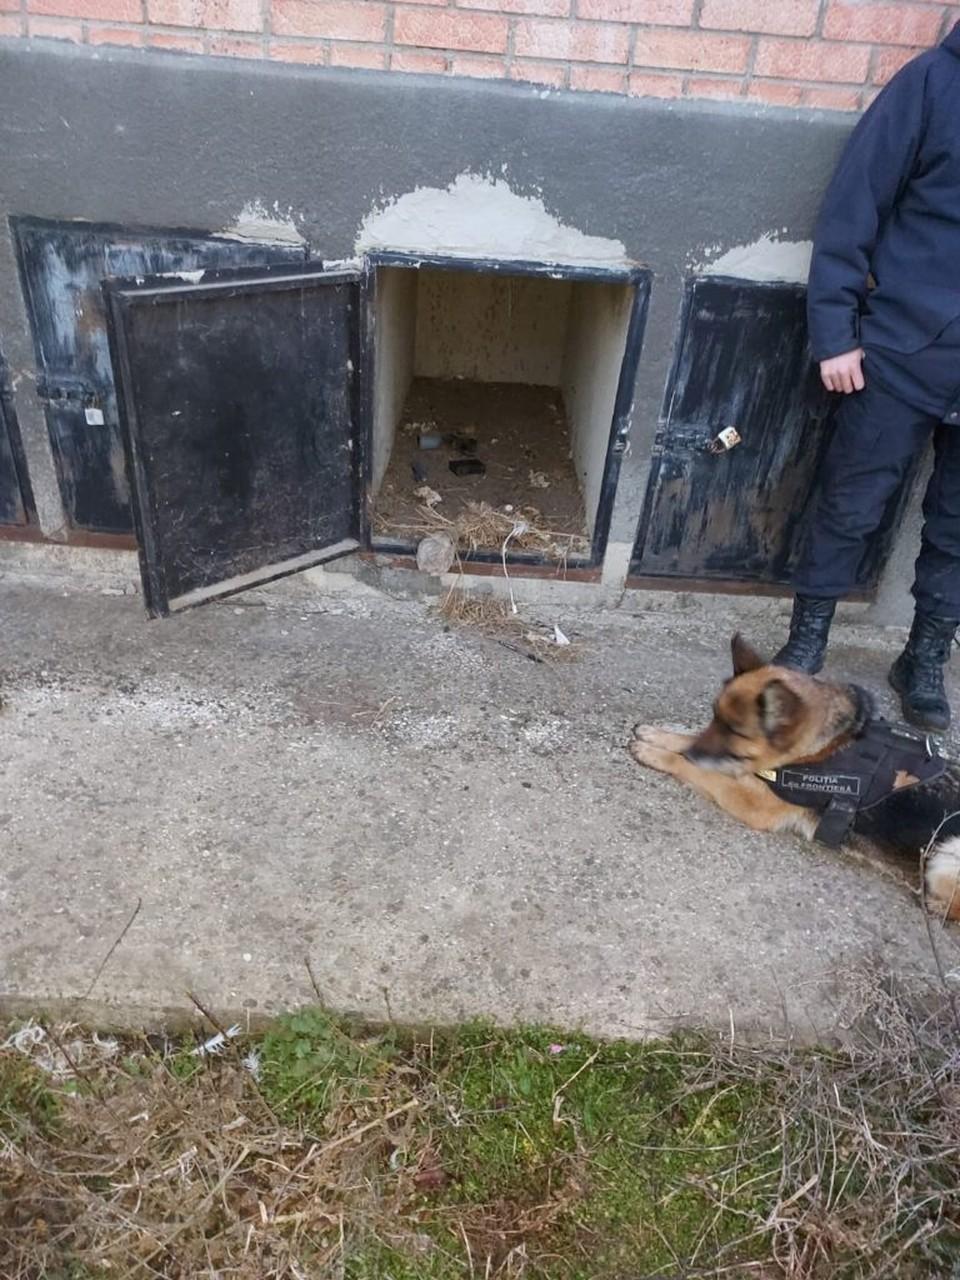 Служебная собака Рада нашла украденное оружие (Фото: Пограничная полиция).